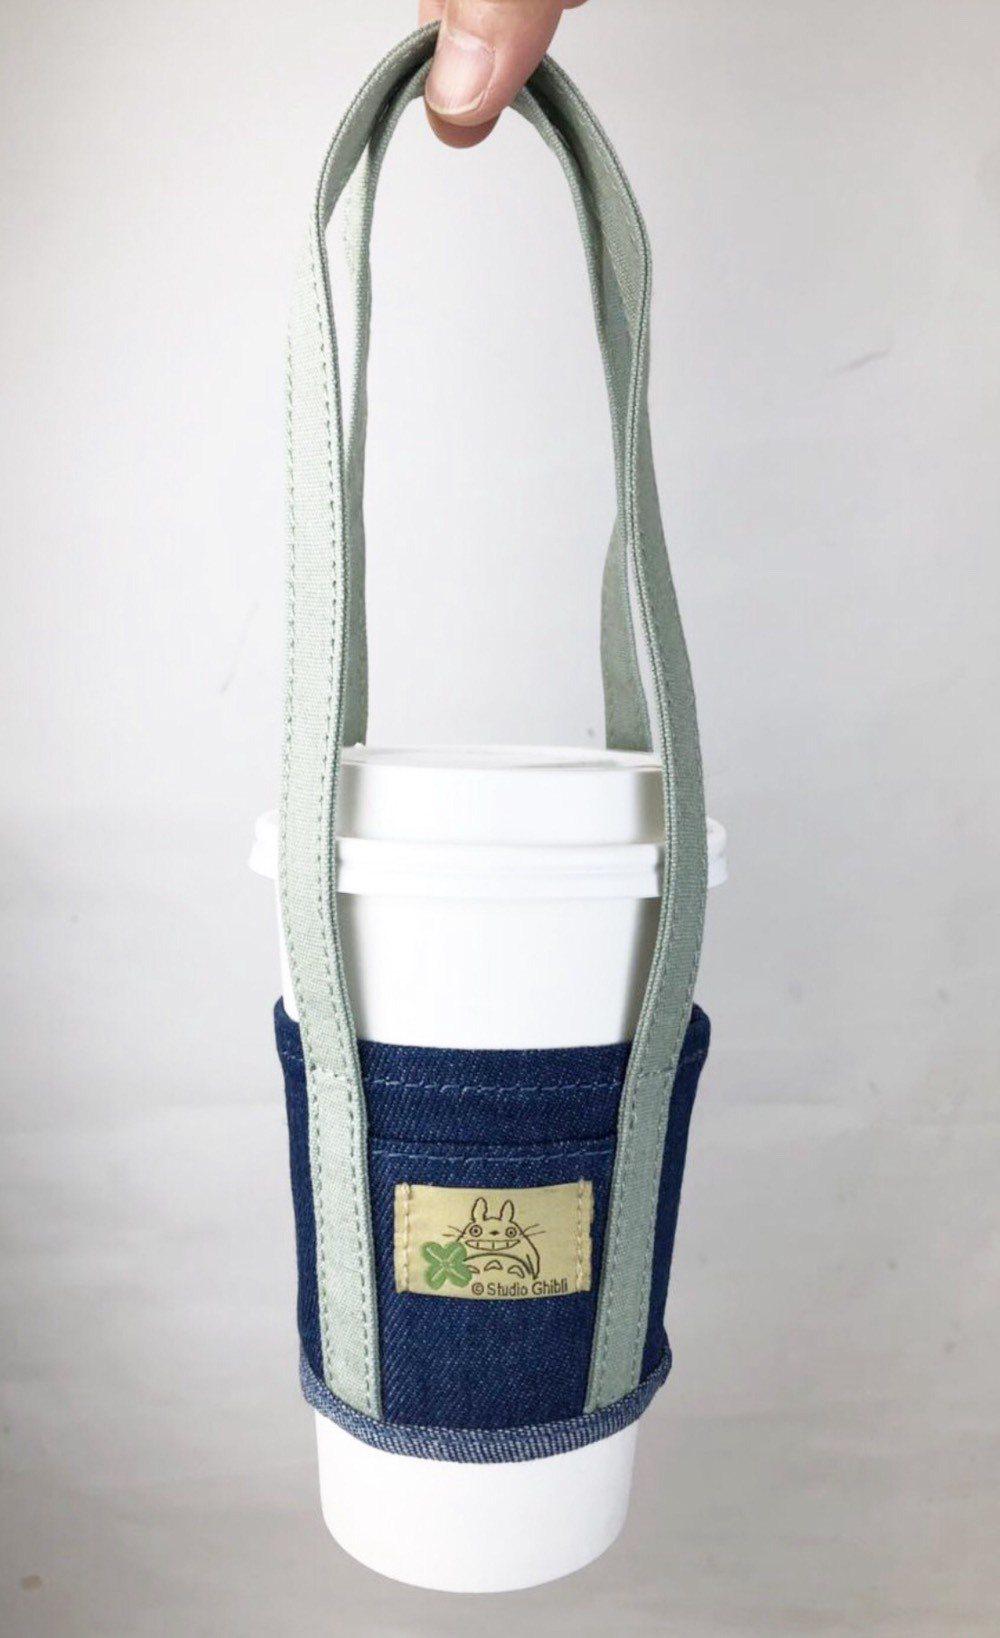 購買「龍貓」套票組會贈送官方限量飲料提袋。圖/甲上提供